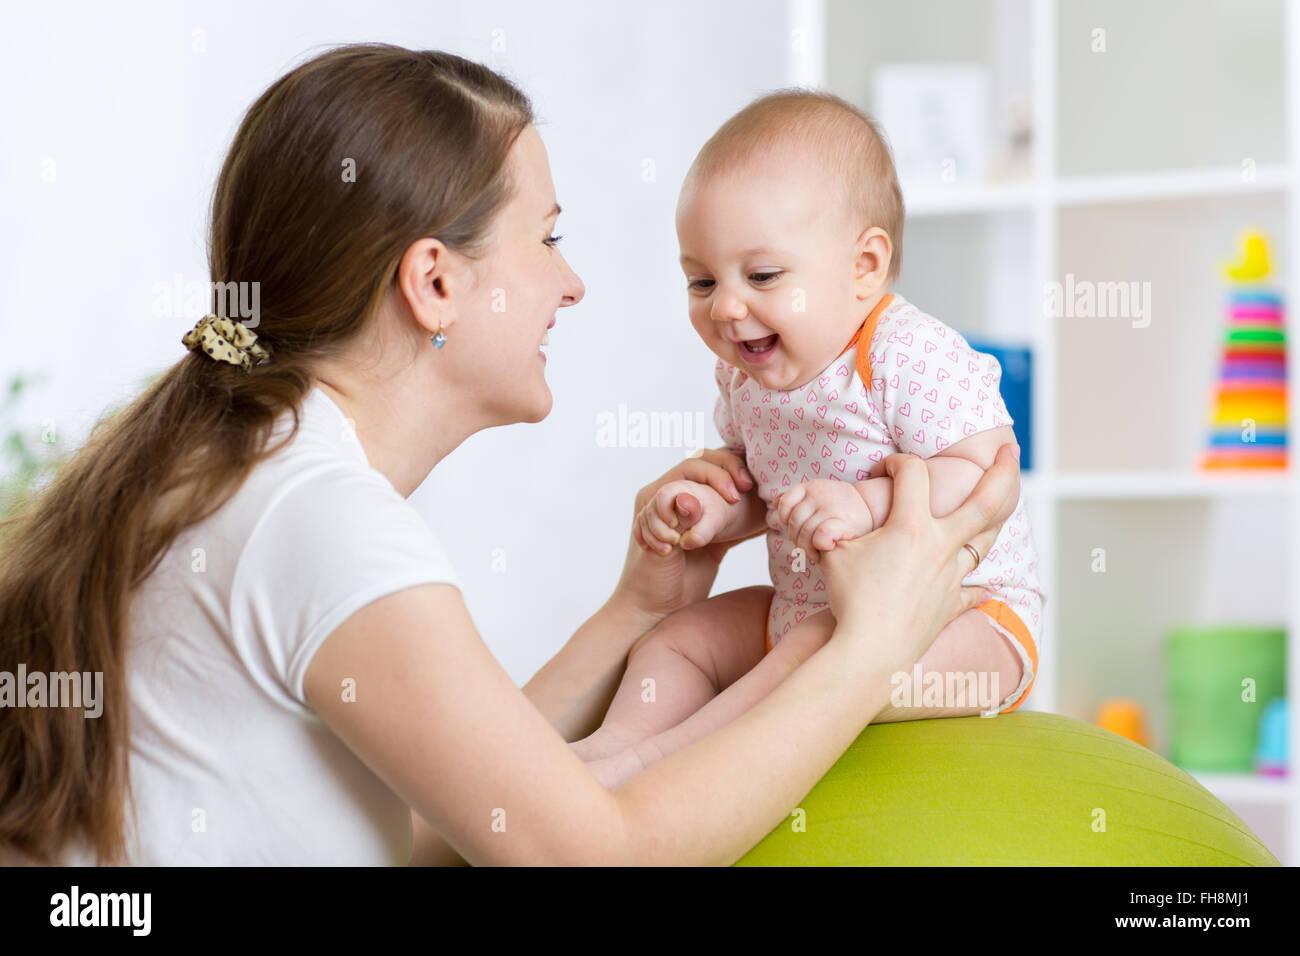 Glückliche Mutter mit Kind Übungen mit grünen